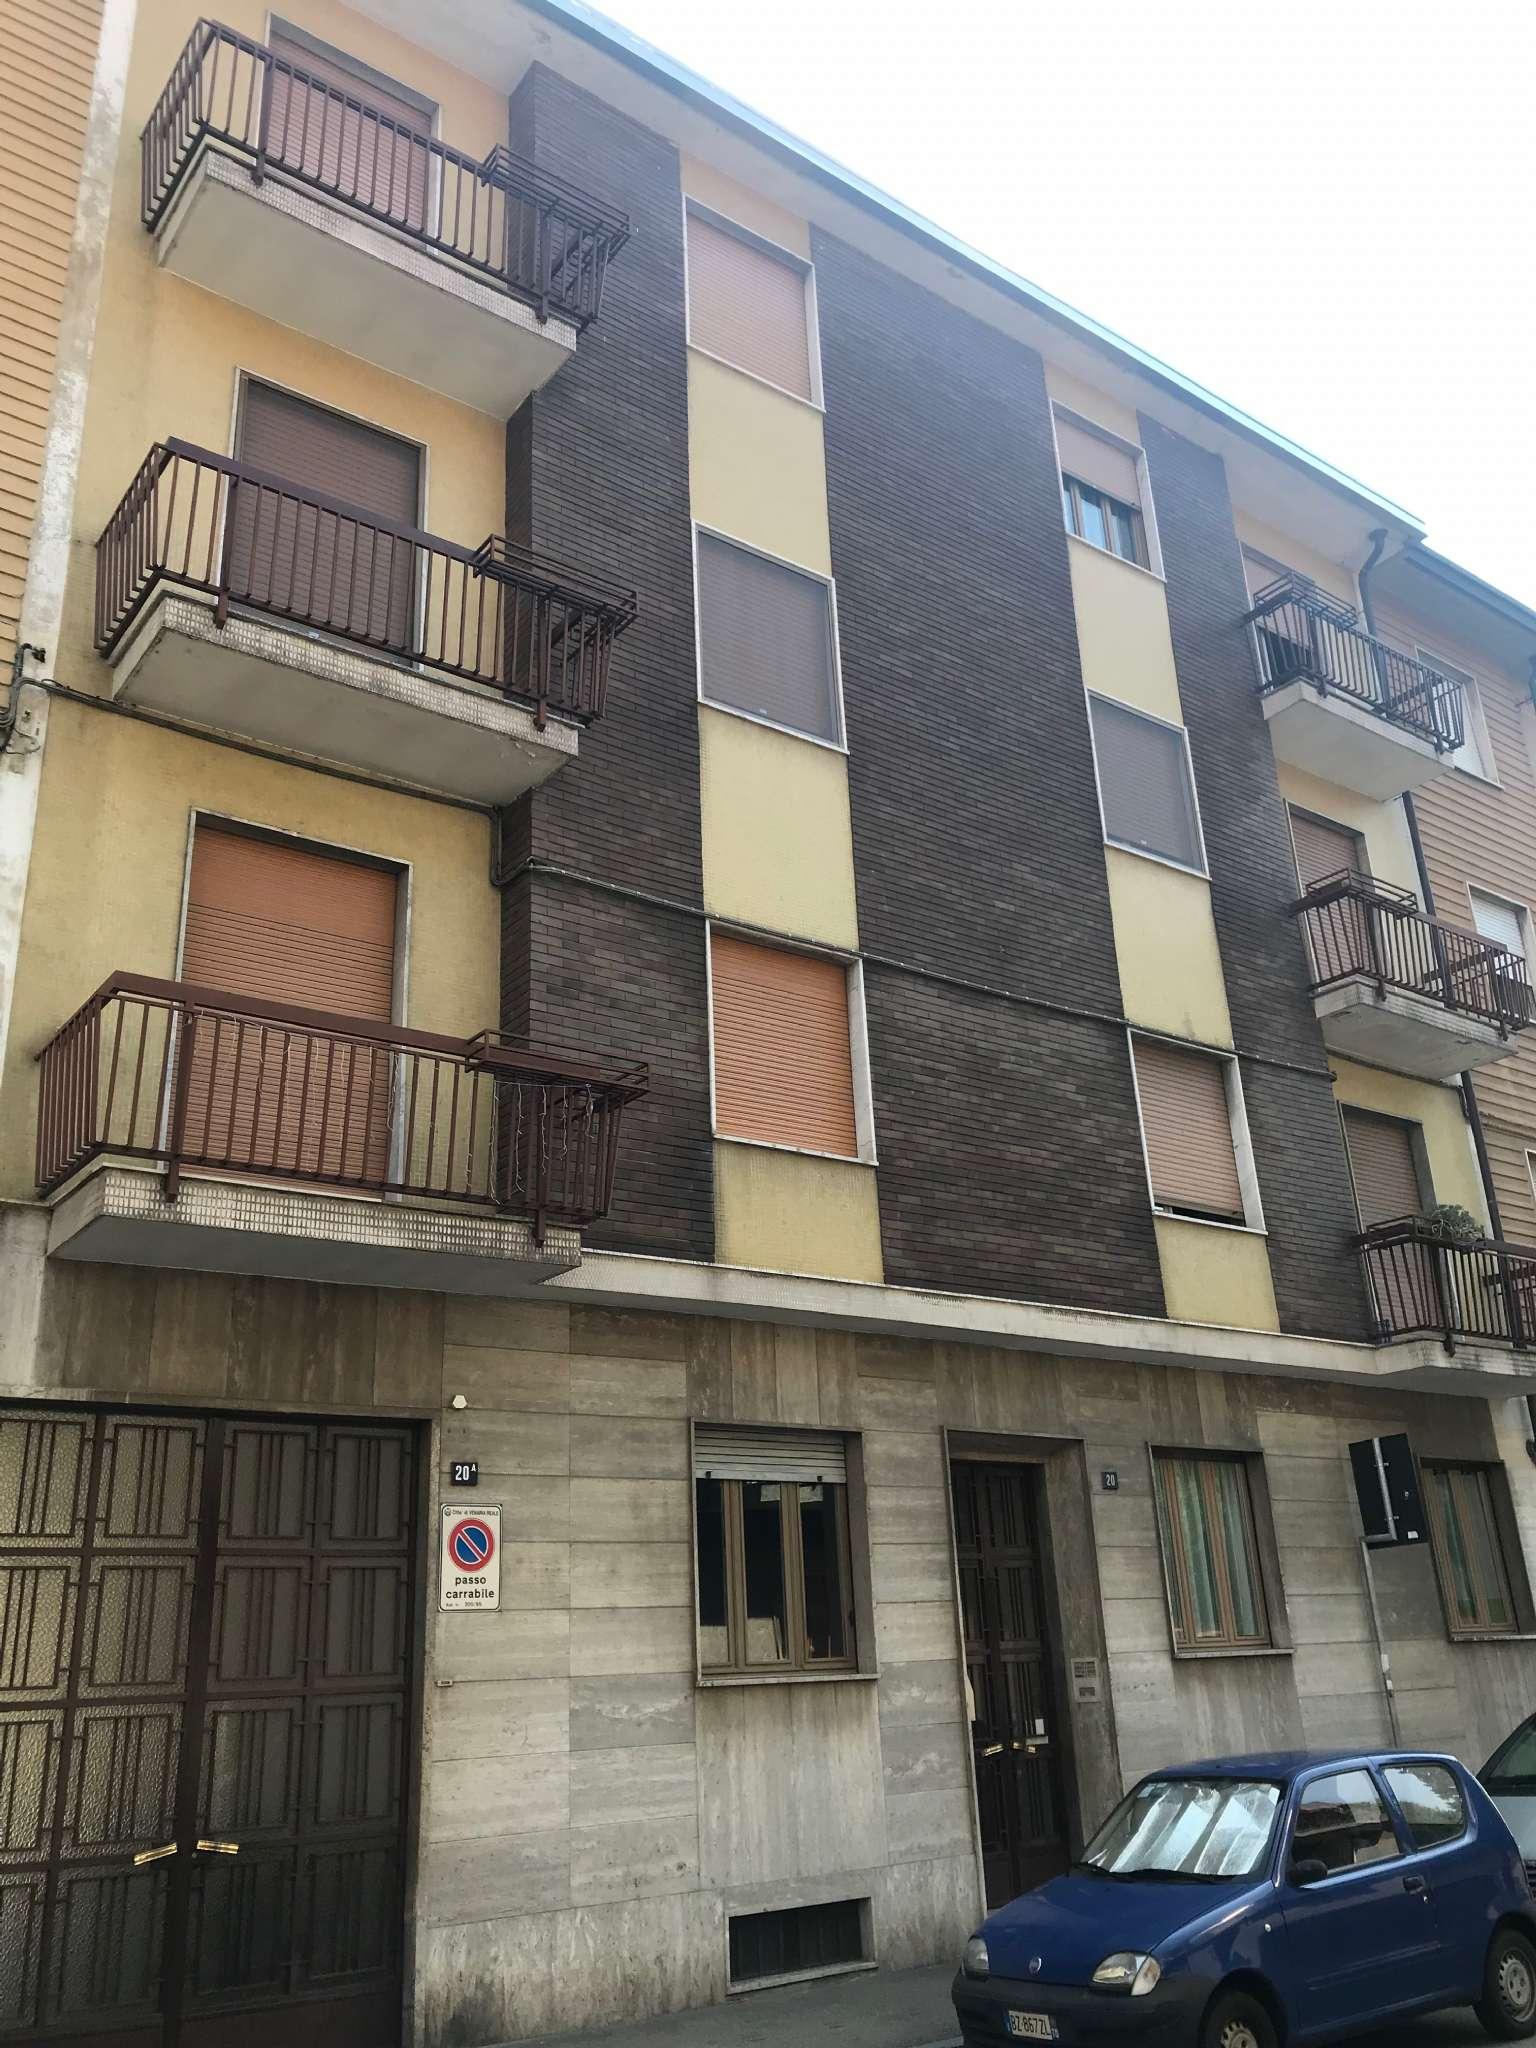 Appartamento in affitto a Venaria Reale, 2 locali, prezzo € 395 | CambioCasa.it